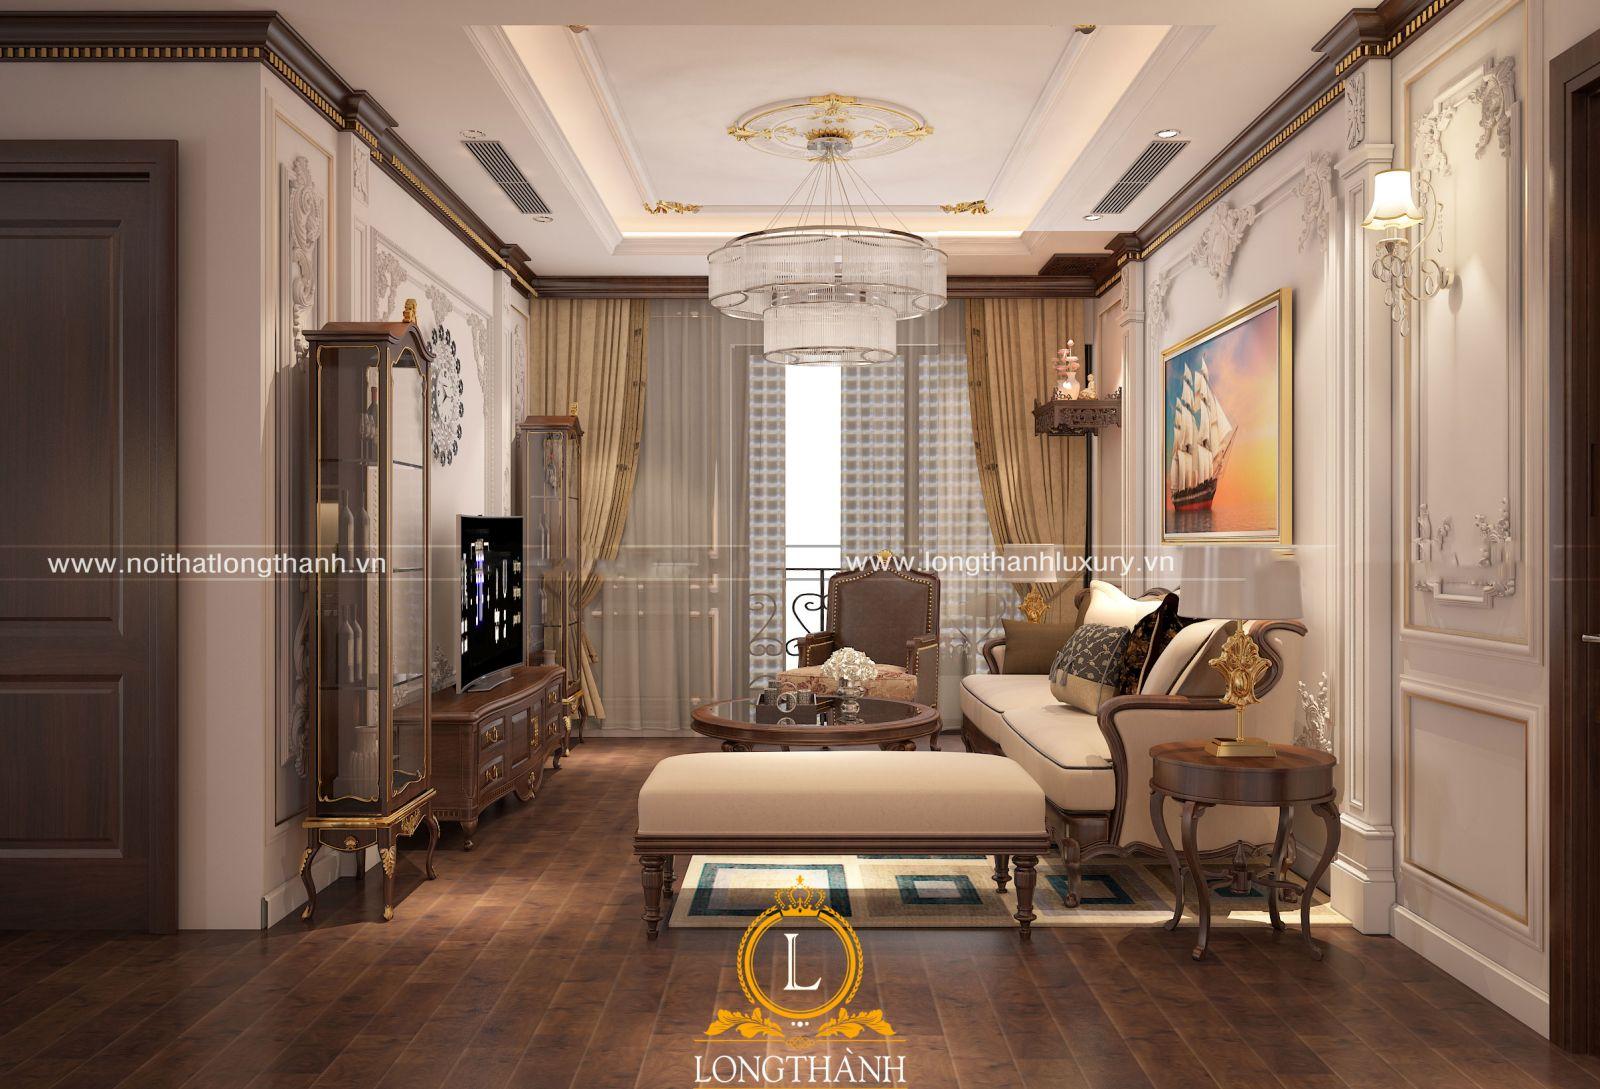 Phòng khách chung cư nhỏ với bộ sofa bọc đệm